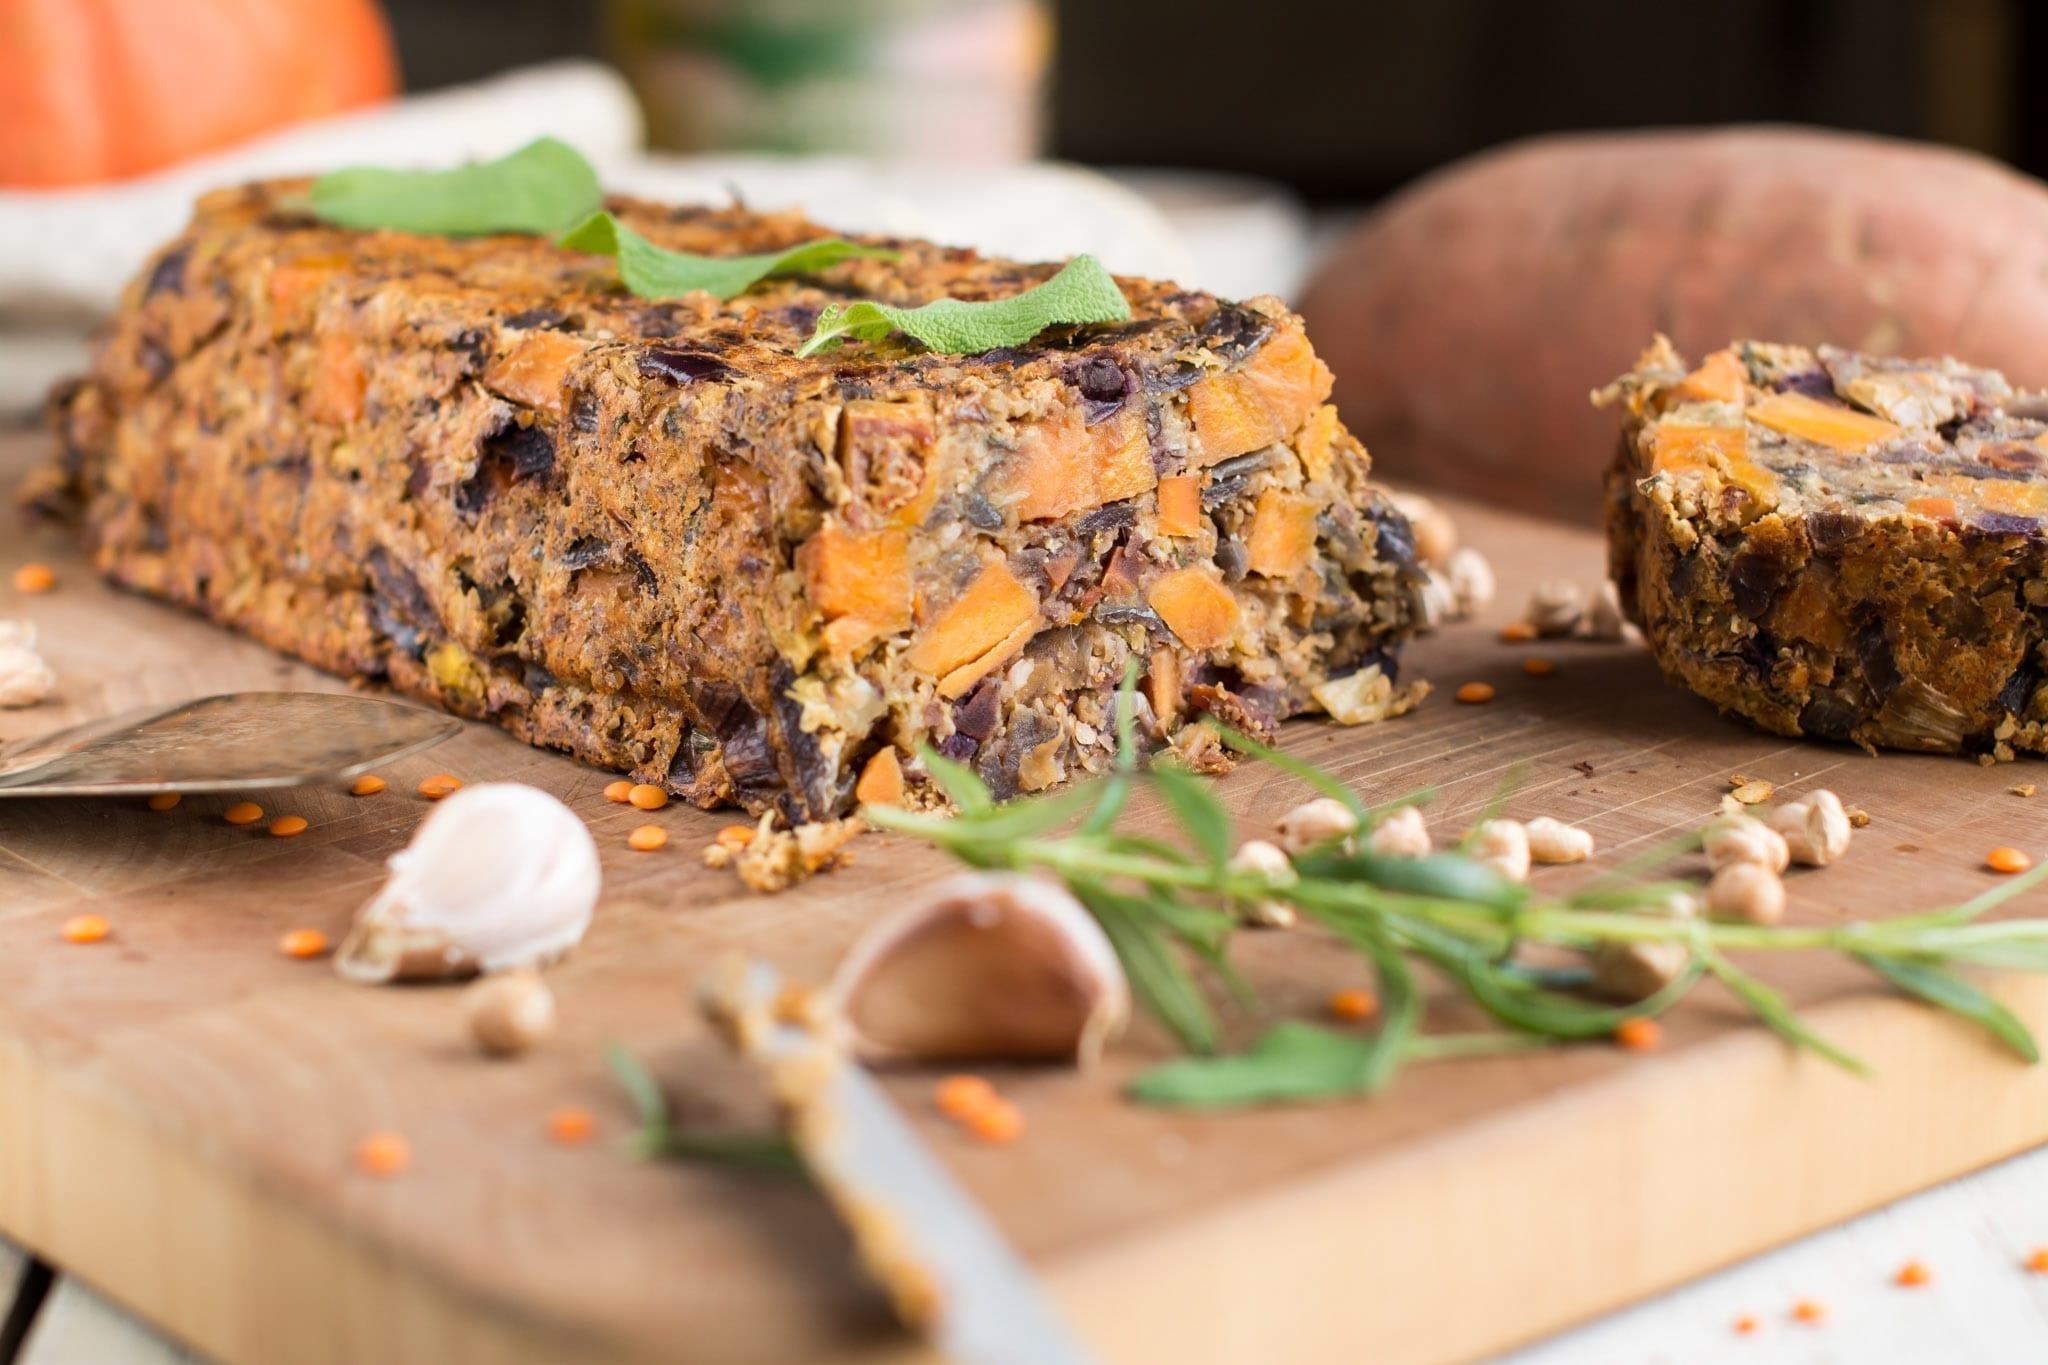 vegan candida diet recipes lentil loaf